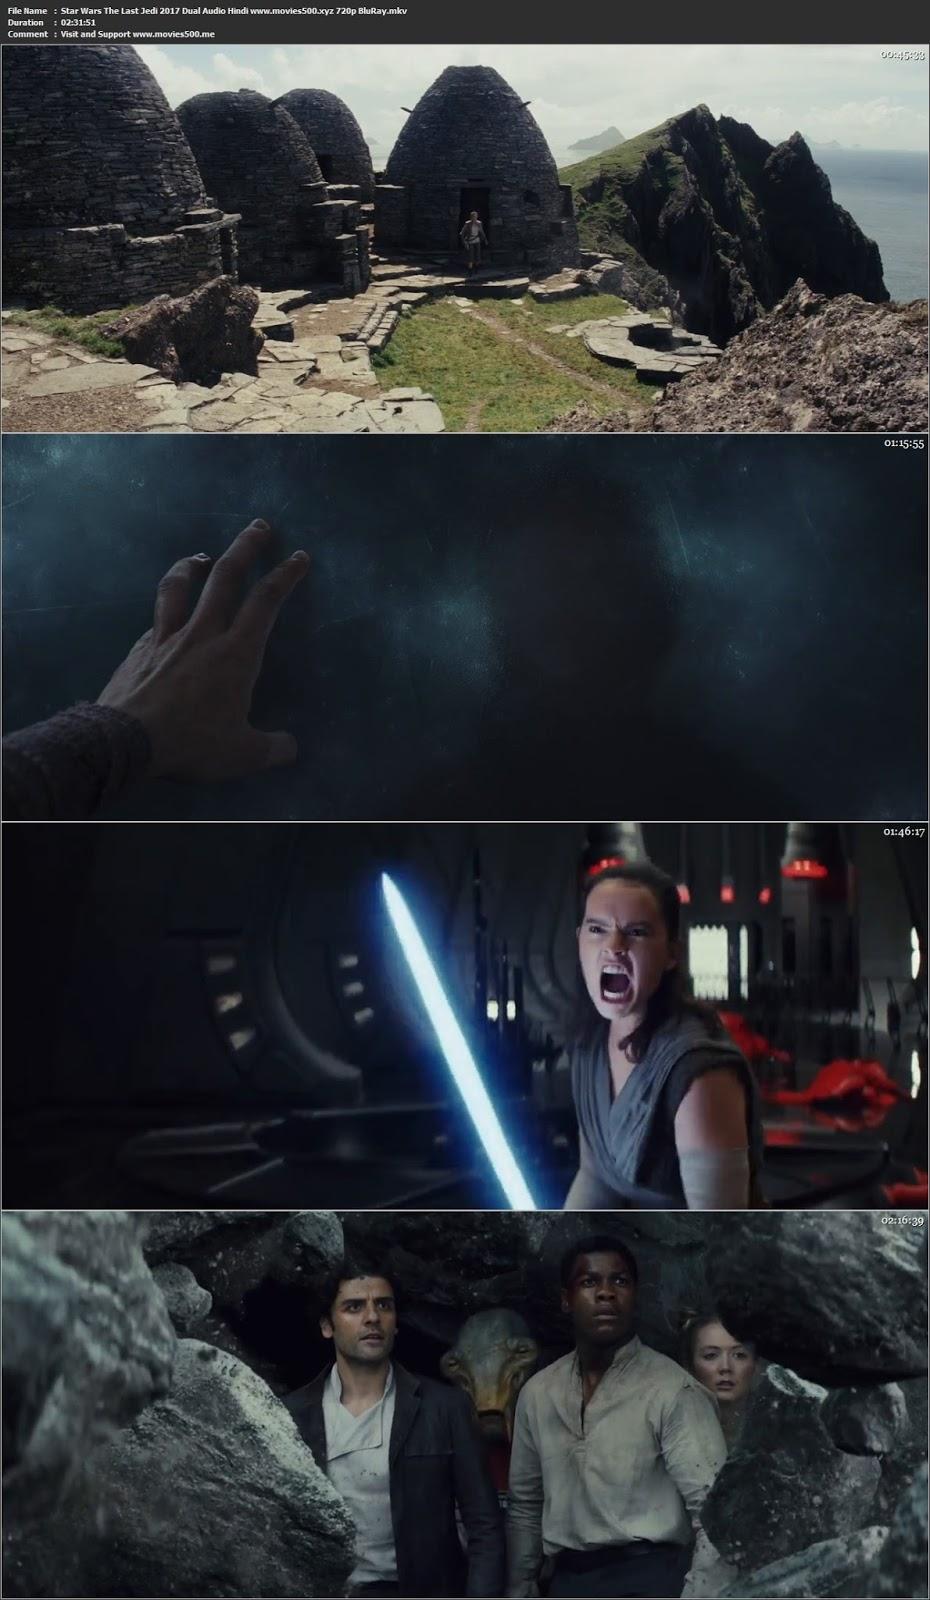 Star Wars The Last Jedi 2017 Dual Audio Hindi BluyRay 720p 1GB at movies500.info